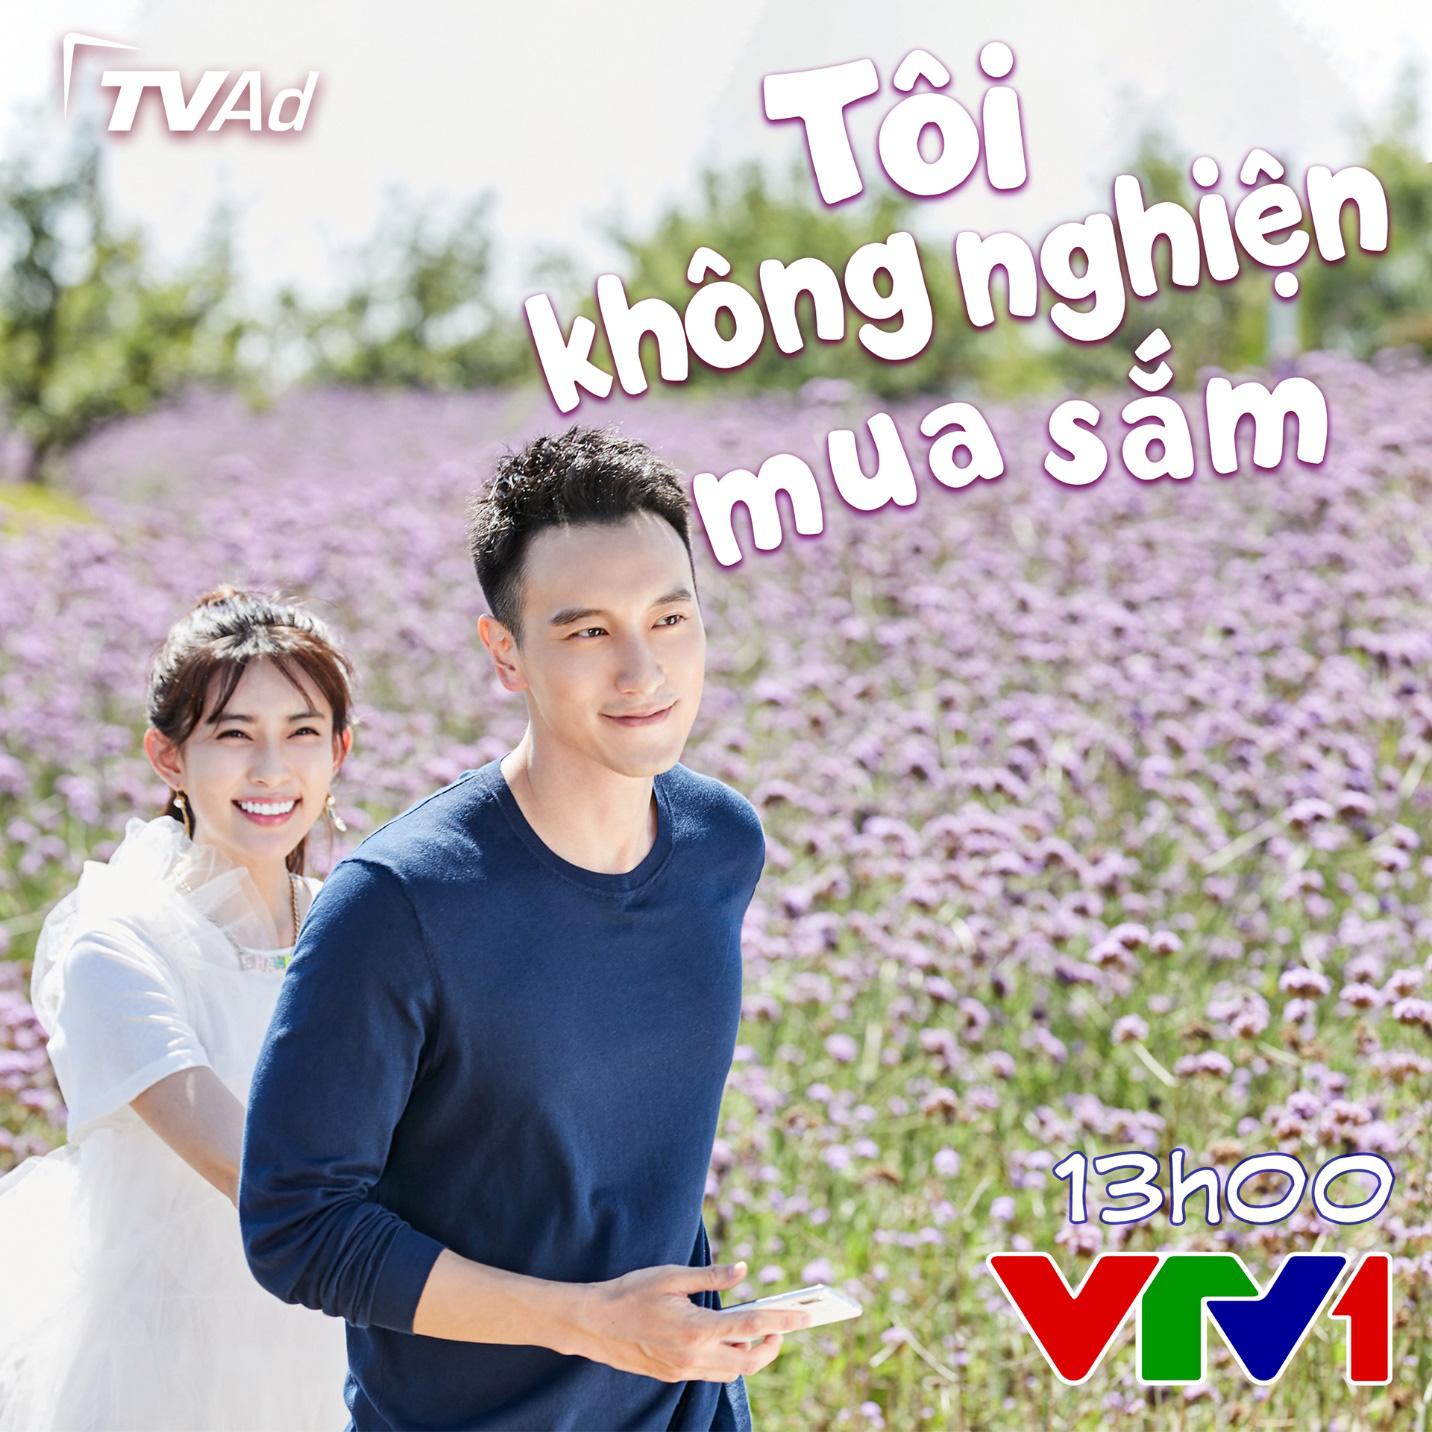 Tôi Không Nghiện Mua Sắm - VTV1 (2020)